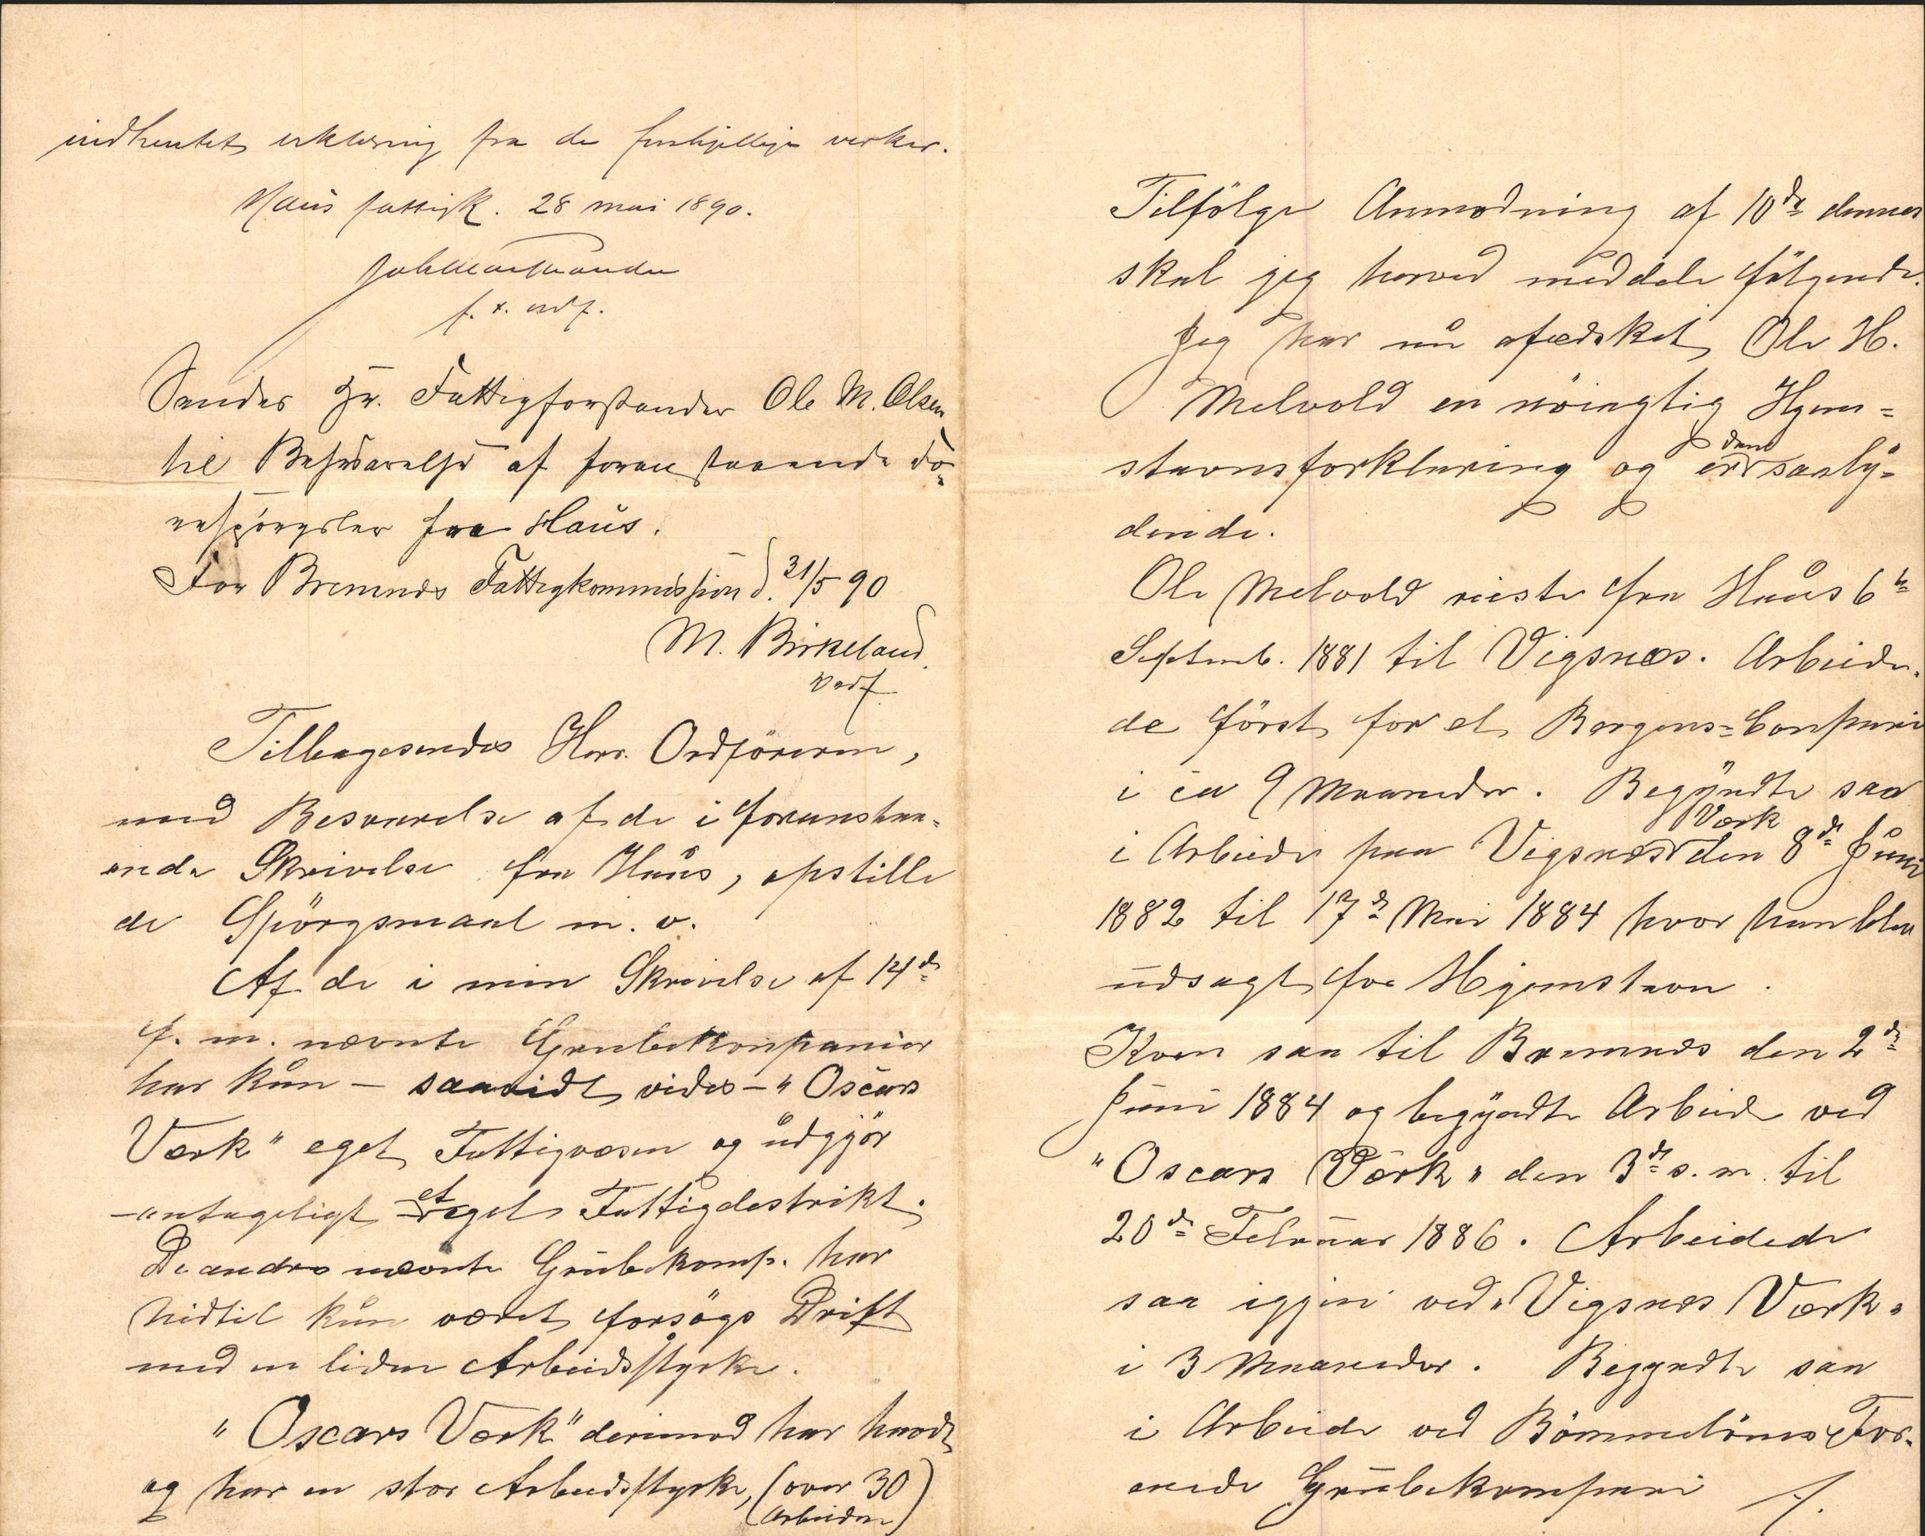 IKAH, Finnaas kommune. Formannskapet, D/Da/L0001: Korrespondanse / saker, 1890-1896, s. 1